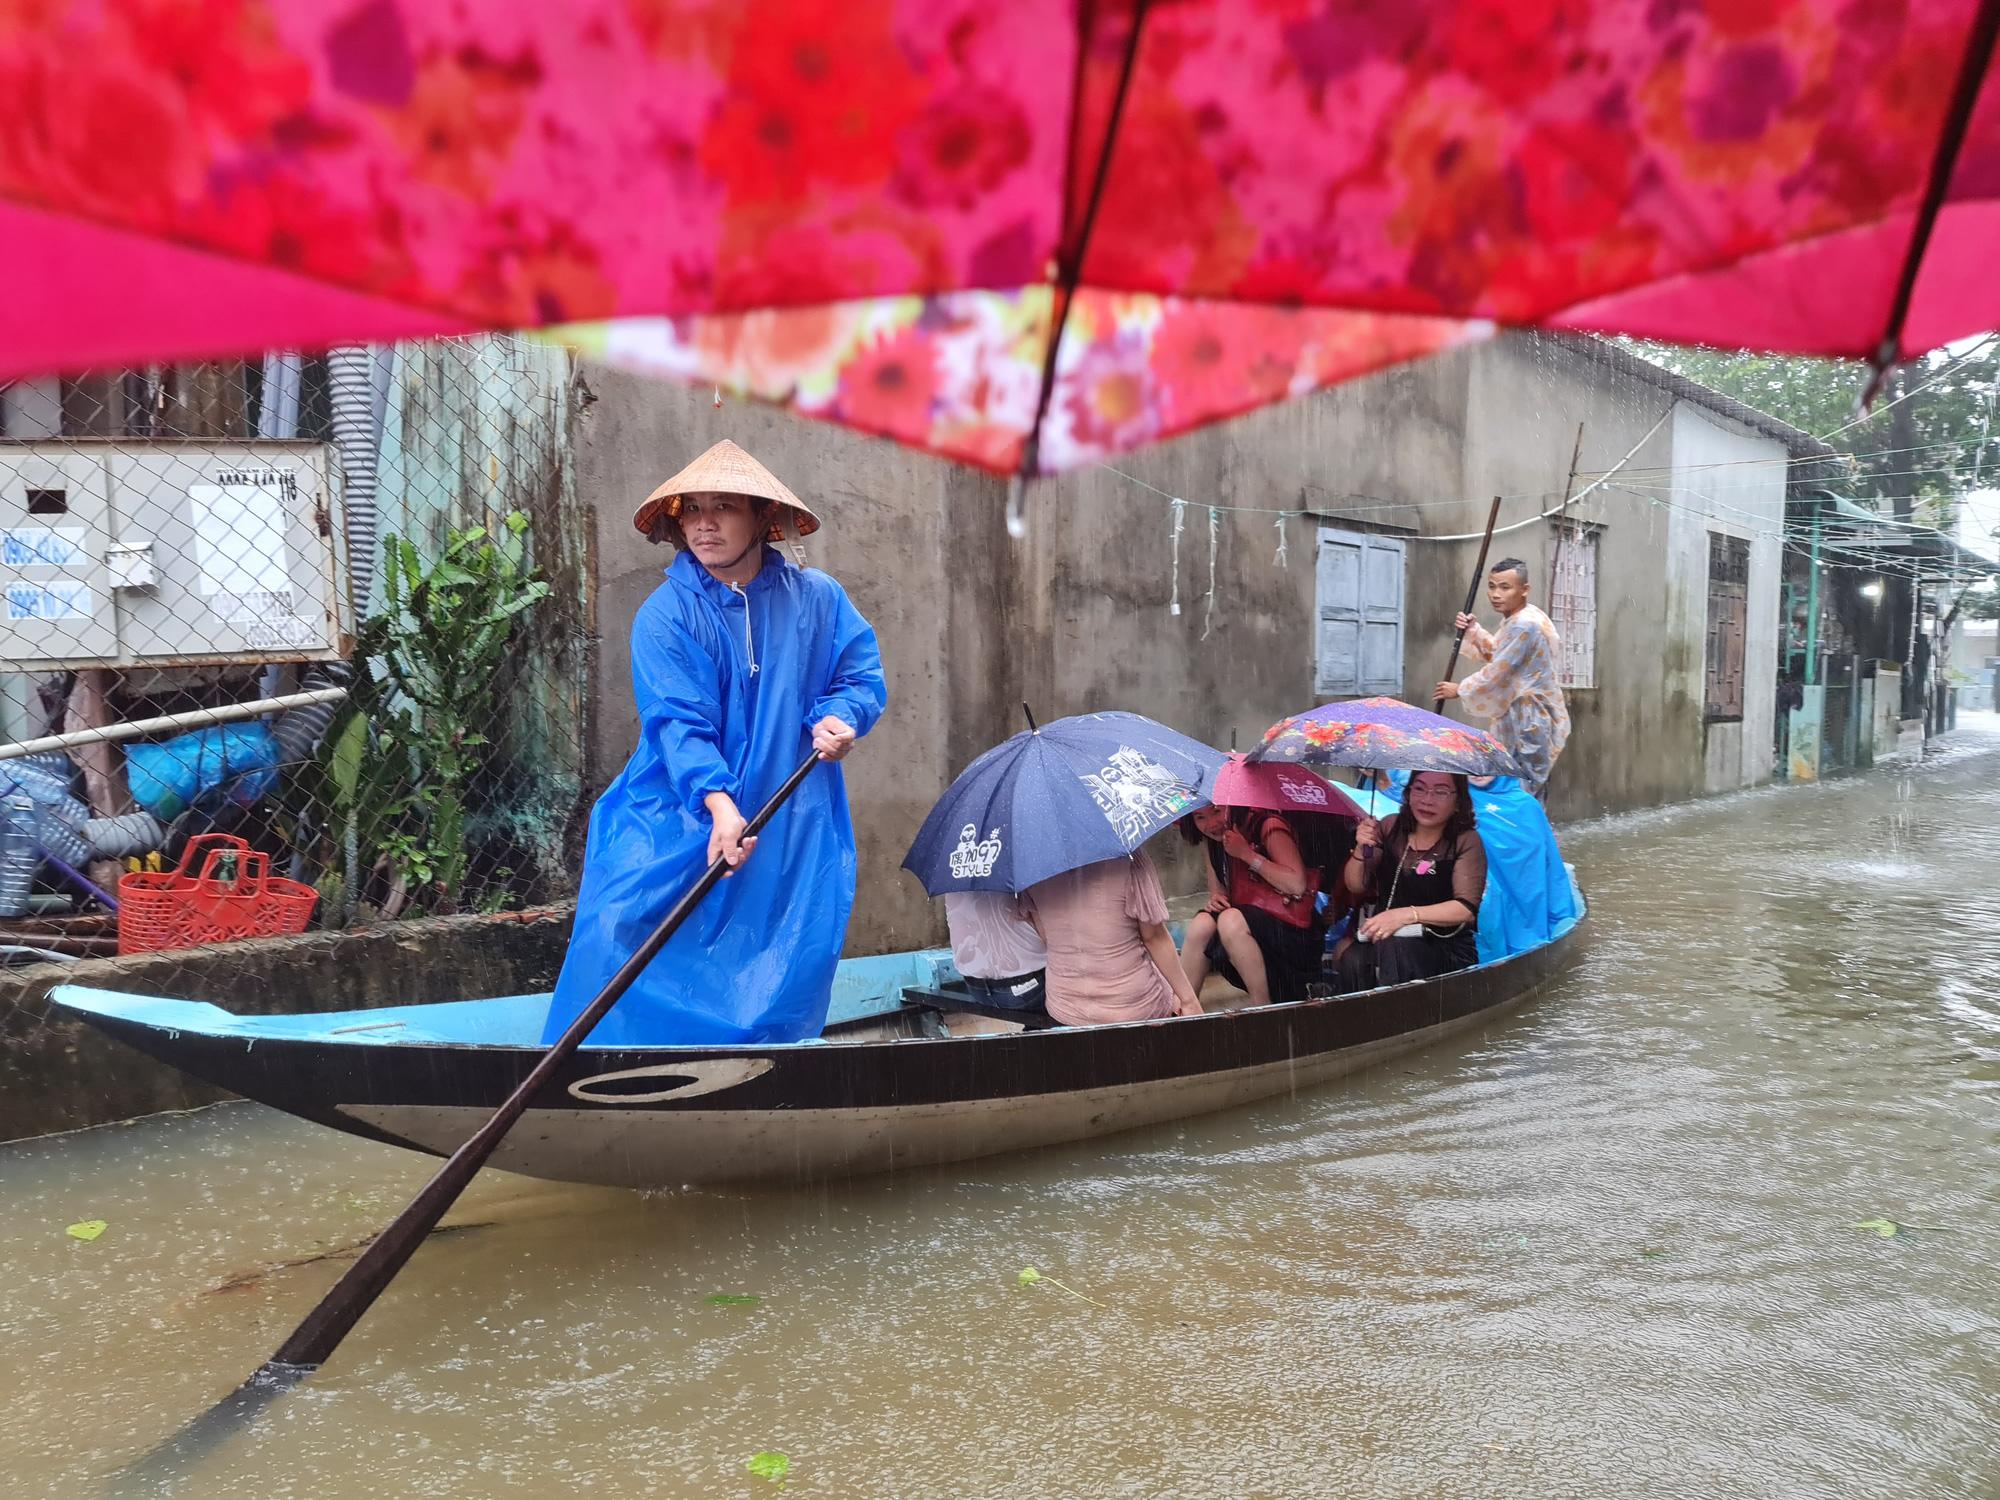 Quảng Nam: Học sinh nghỉ học 2 ngày, đình hoãn các cuộc họp để phòng tránh bão - Ảnh 3.